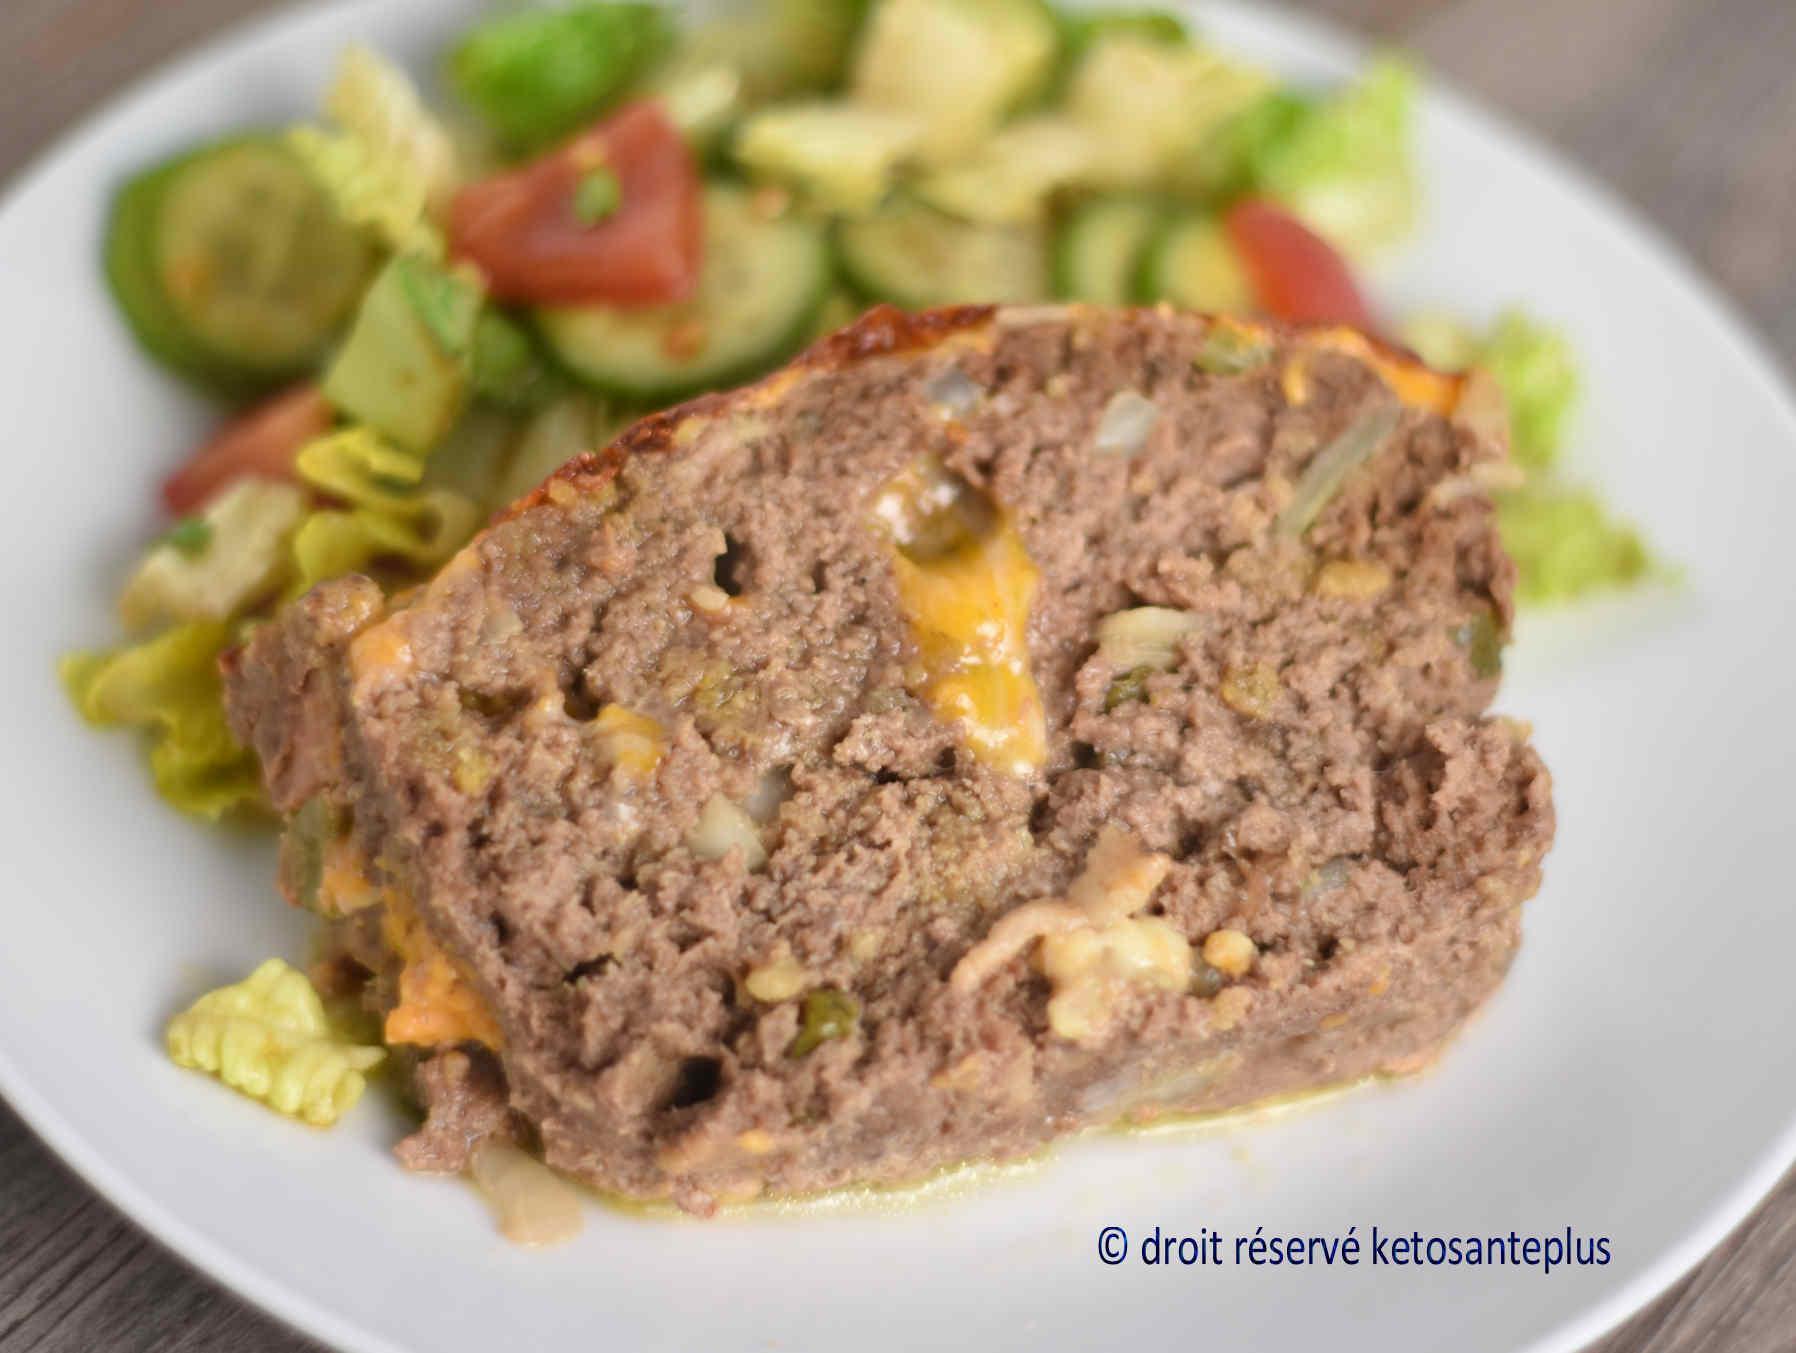 Pain de viande cheeseburger